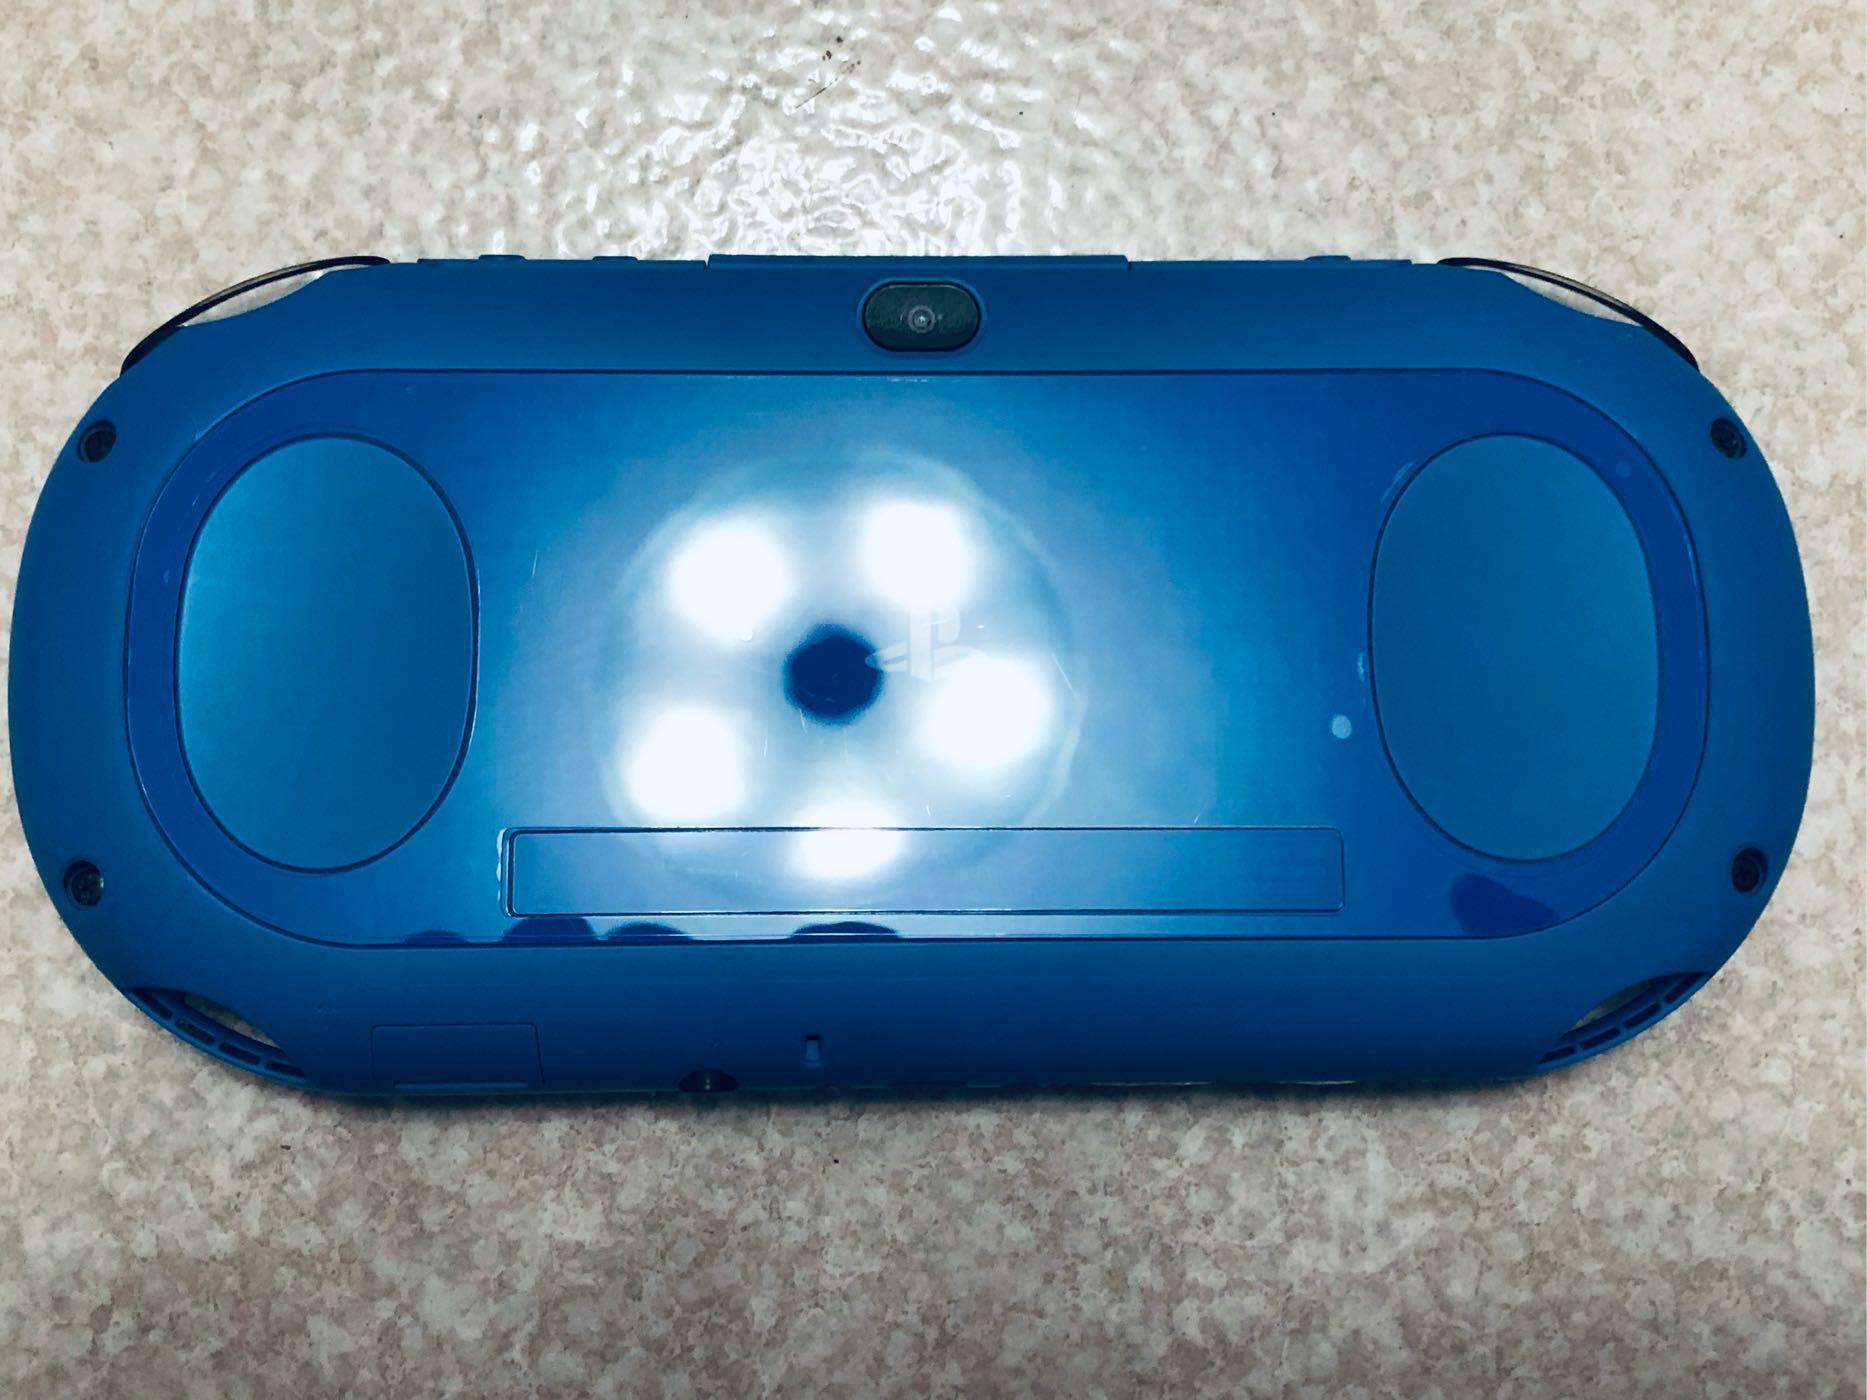 便宜售只考慮價格.外觀新.配件無所謂的請進PSV 2000主機黑藍色單主機+可改機3.73版本8成新未改機一年保修